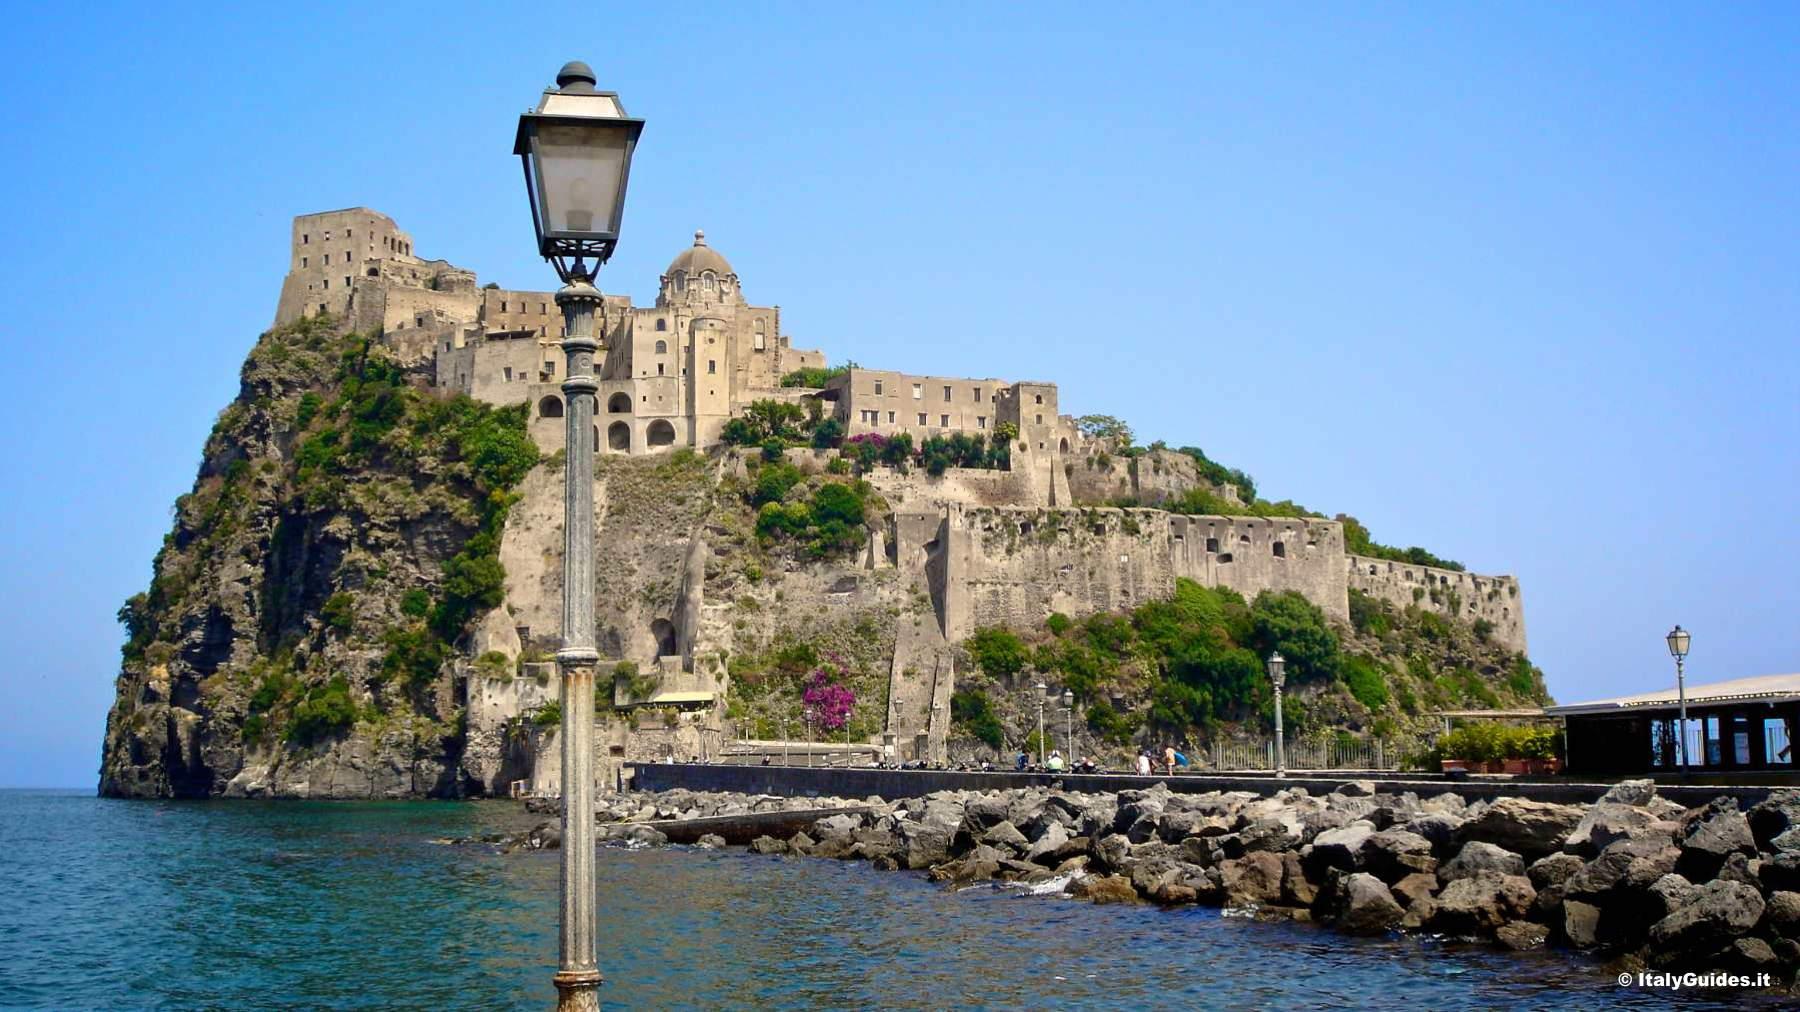 Le Foto Di Ischia Galleria Fotografica Photo Gallery E